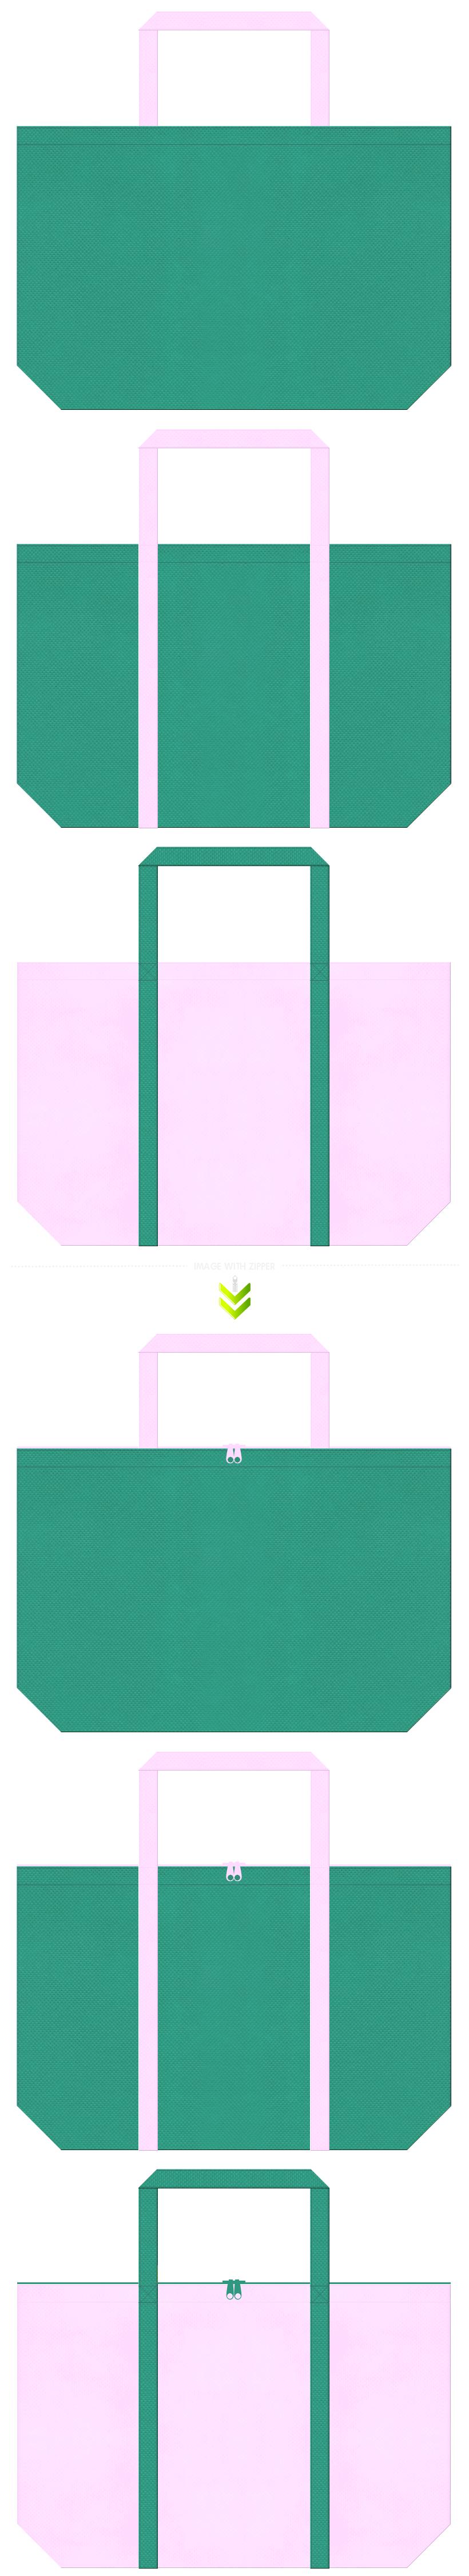 シャンプー・石鹸・洗剤・入浴剤・バス用品・お掃除用品・家庭用品のショッピングバッグにお奨めの不織布バッグのデザイン:青緑色と明るいピンク色のコーデ